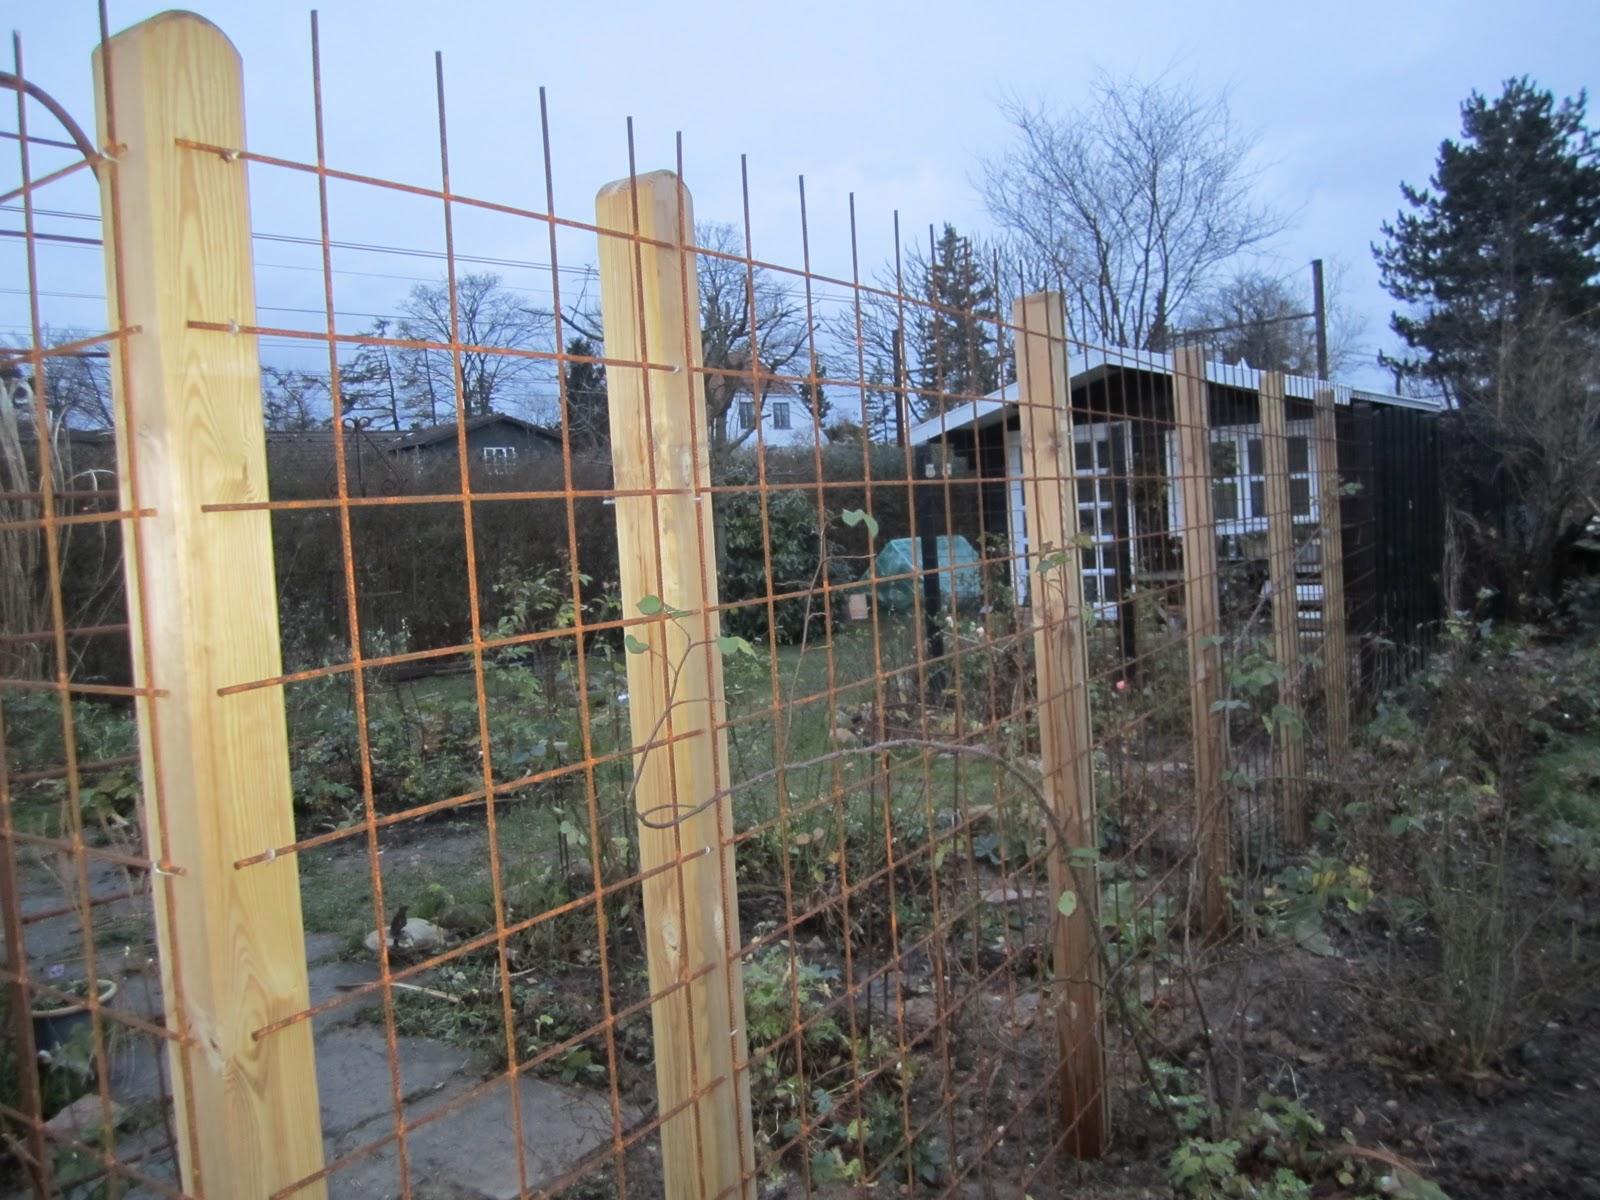 Nettes lille have: december 2011